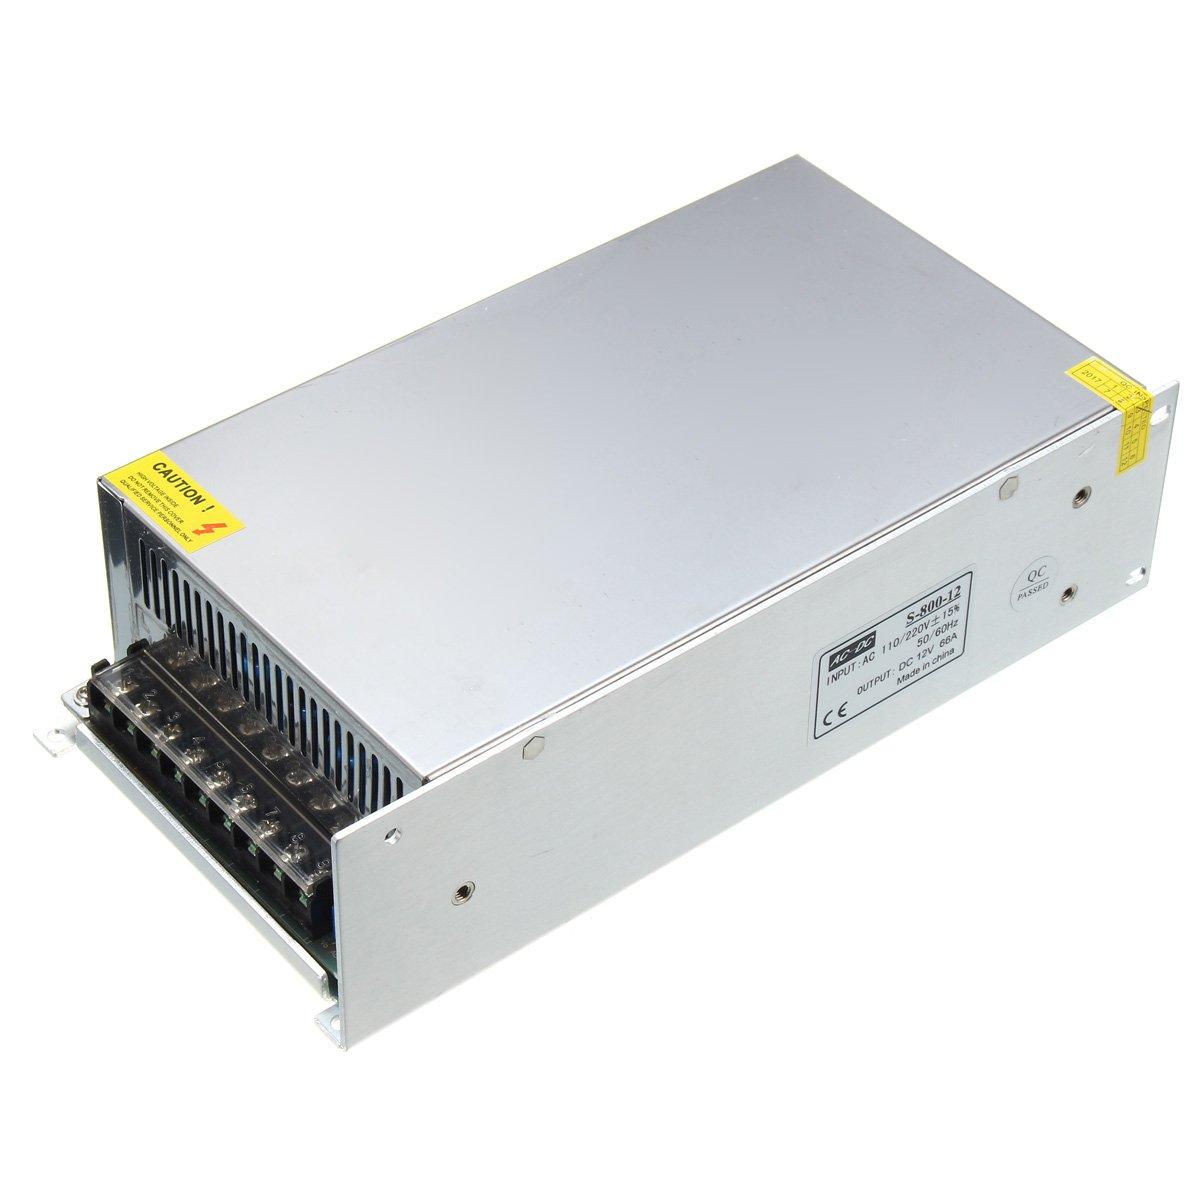 ZHENWOFC AC110V / AC220VからDC 12V 800Wトランスアダプタスイッチ電源ドライバ New B07S2Z9CD7